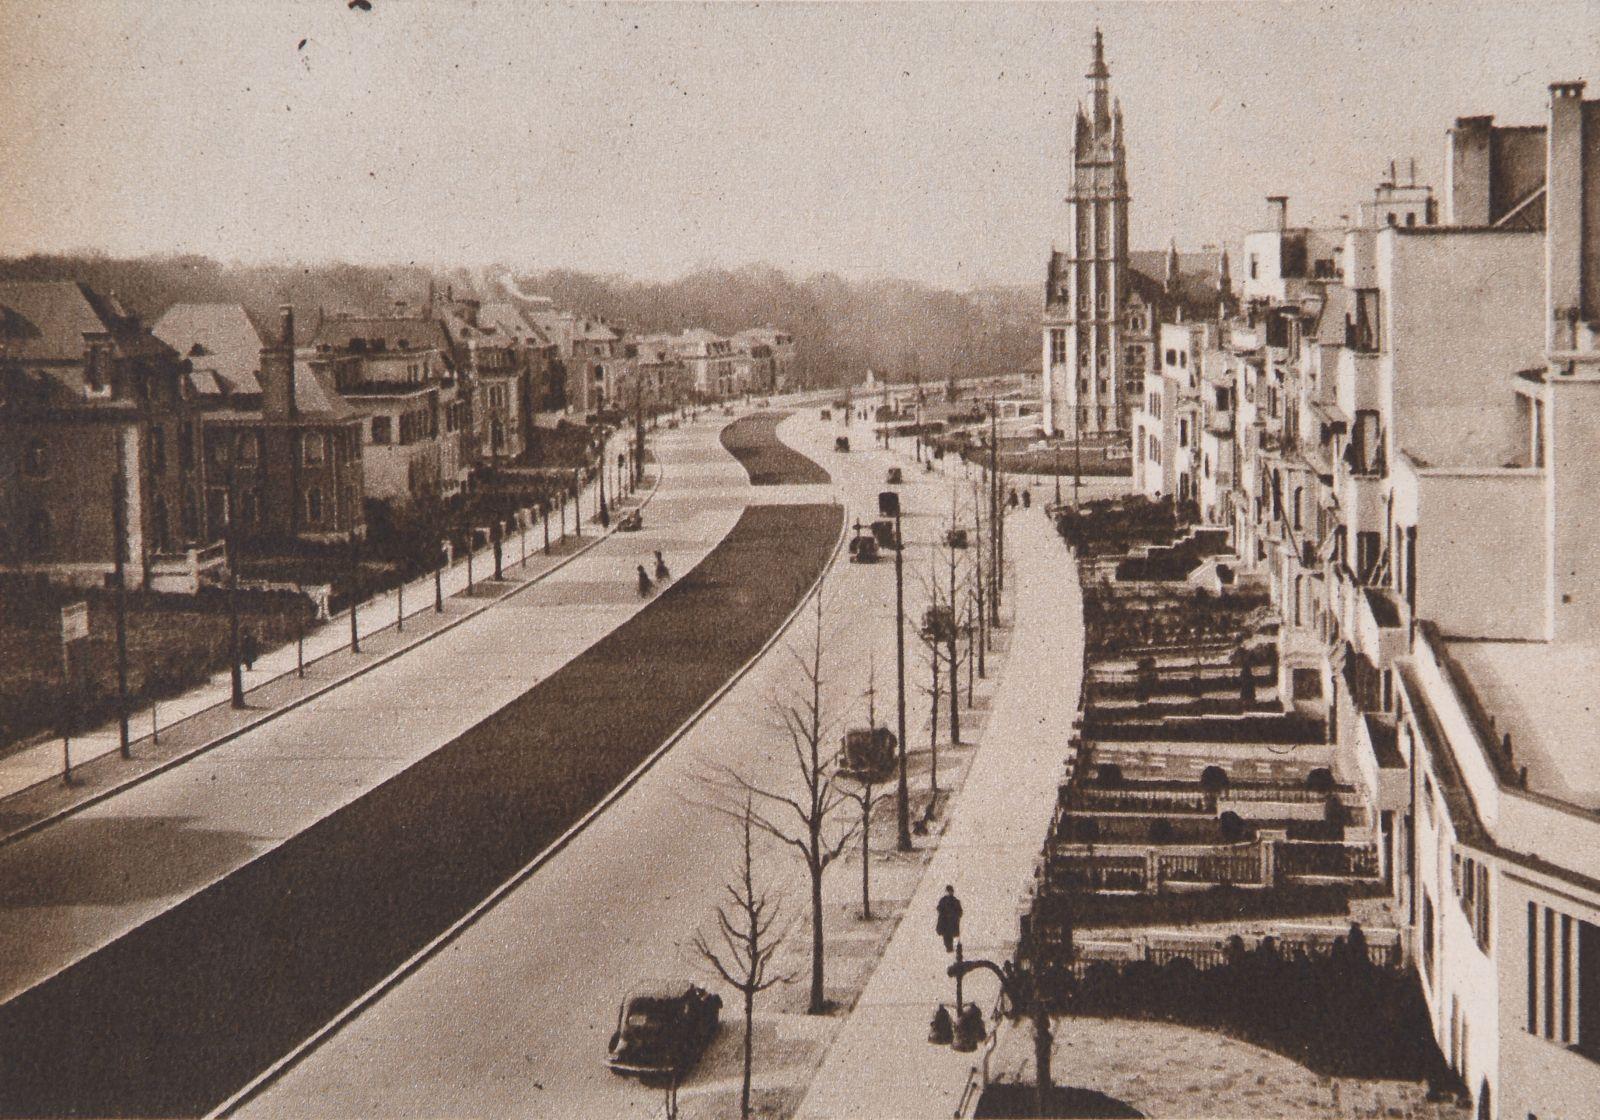 L'ancienne avenue des Nations, aujourd'hui avenue Franklin Roosevelt en 1938. <i>Bâtir</i>, 1938, 63, p. 70.